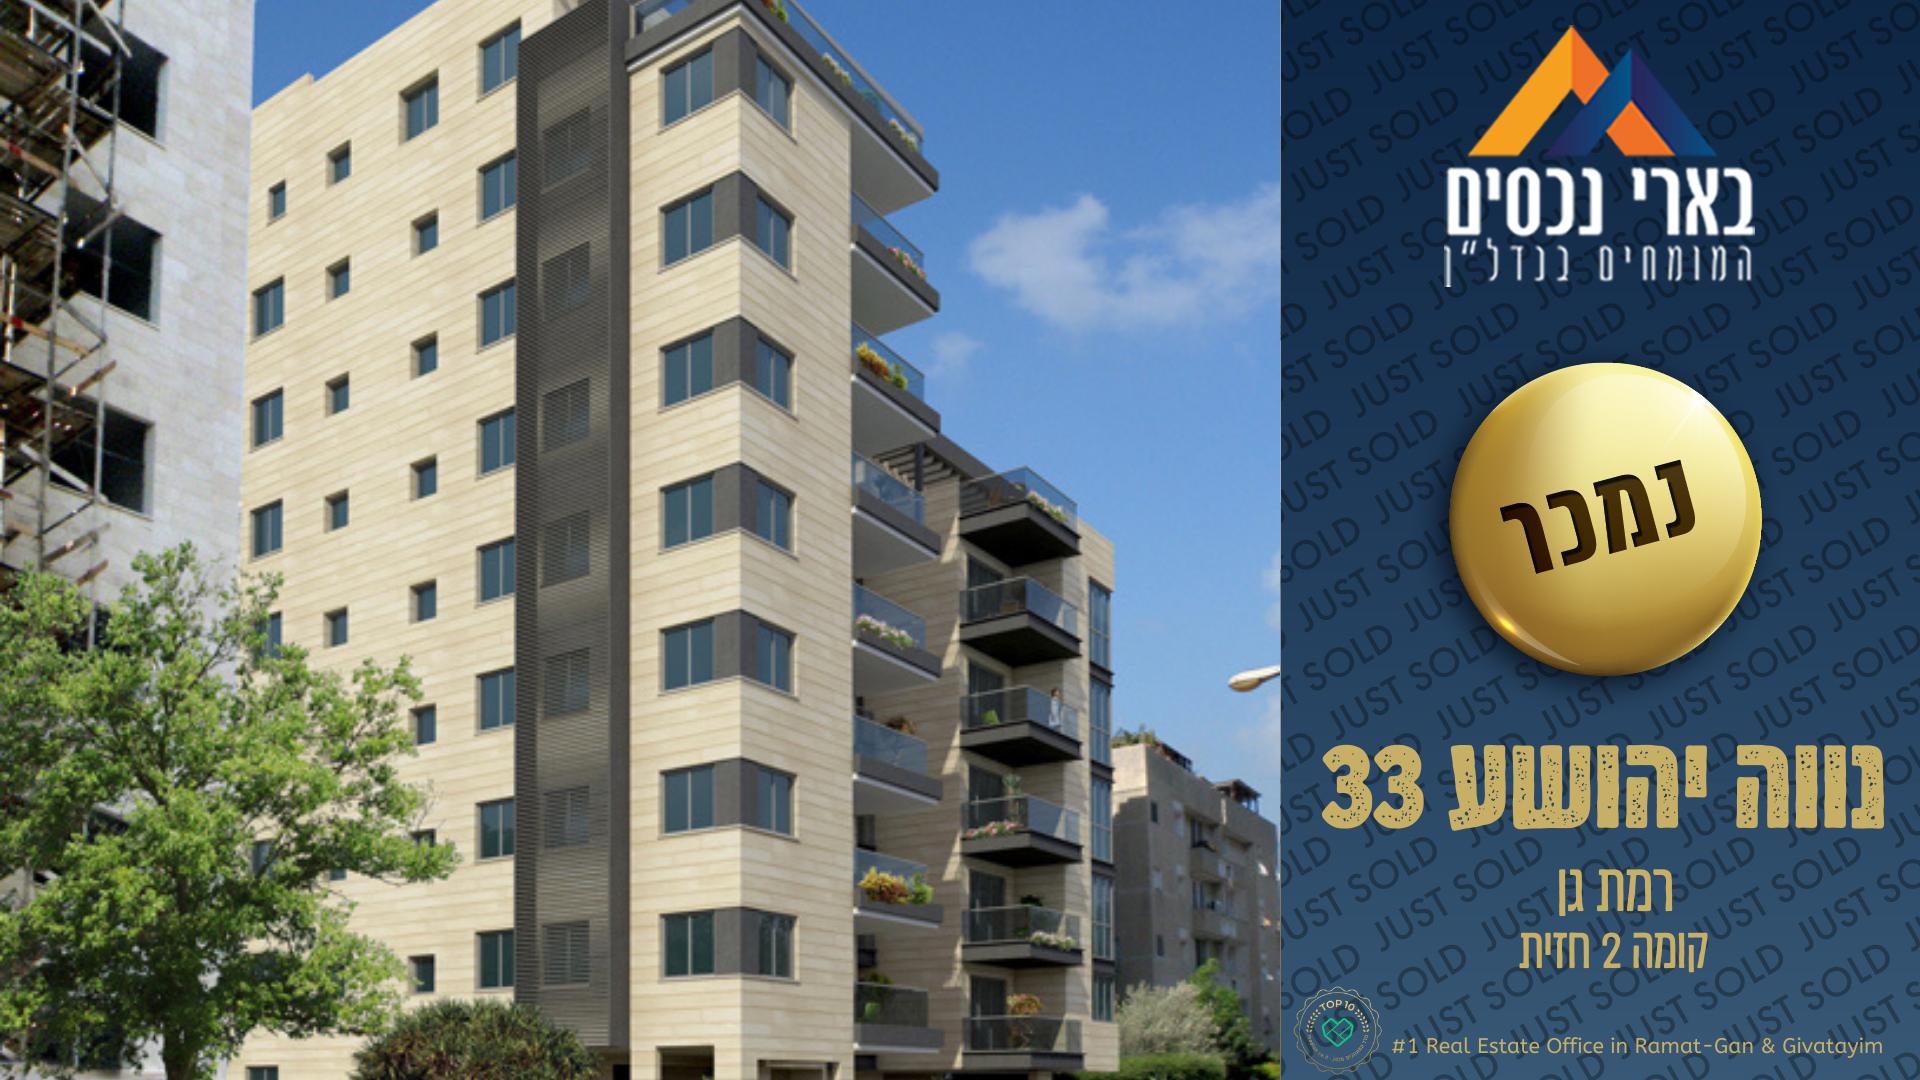 פרויקט ״נווה יהושע 33״ – קומה 2 חזית